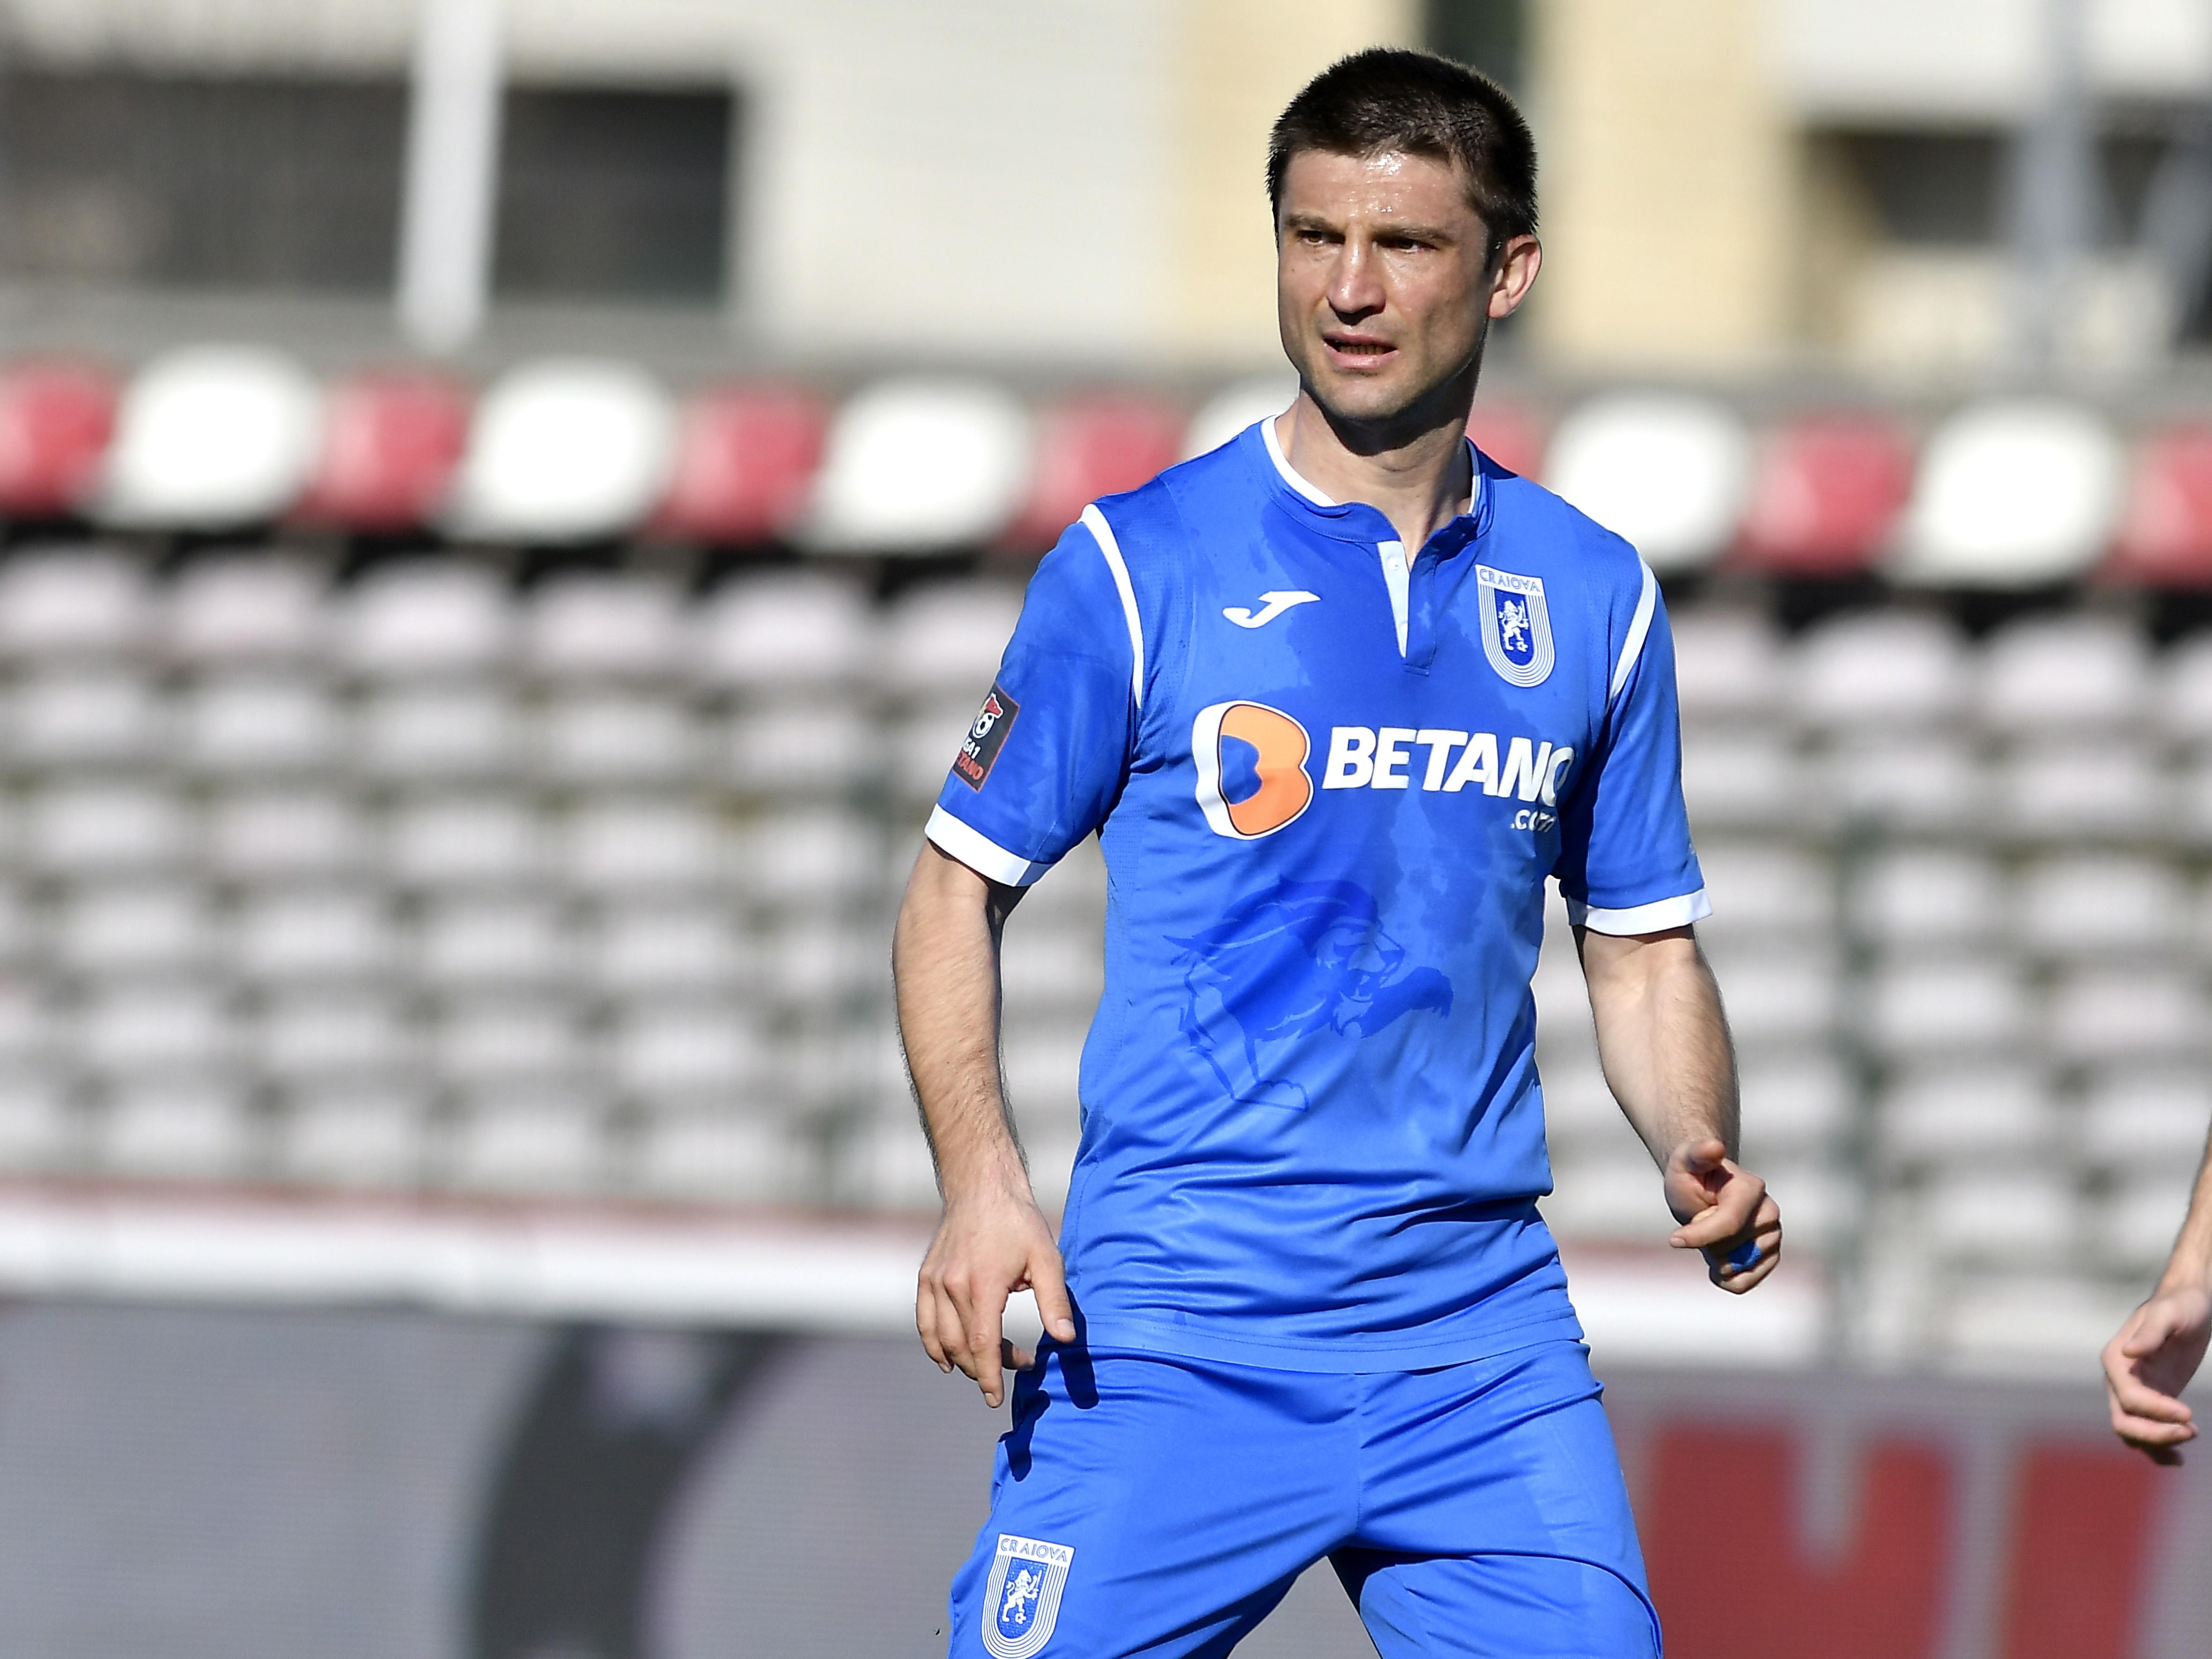 Interviu eveniment cu Andrei Cristea înainte de FCSB - U Craiova. Ce spune despre lupta la titlu